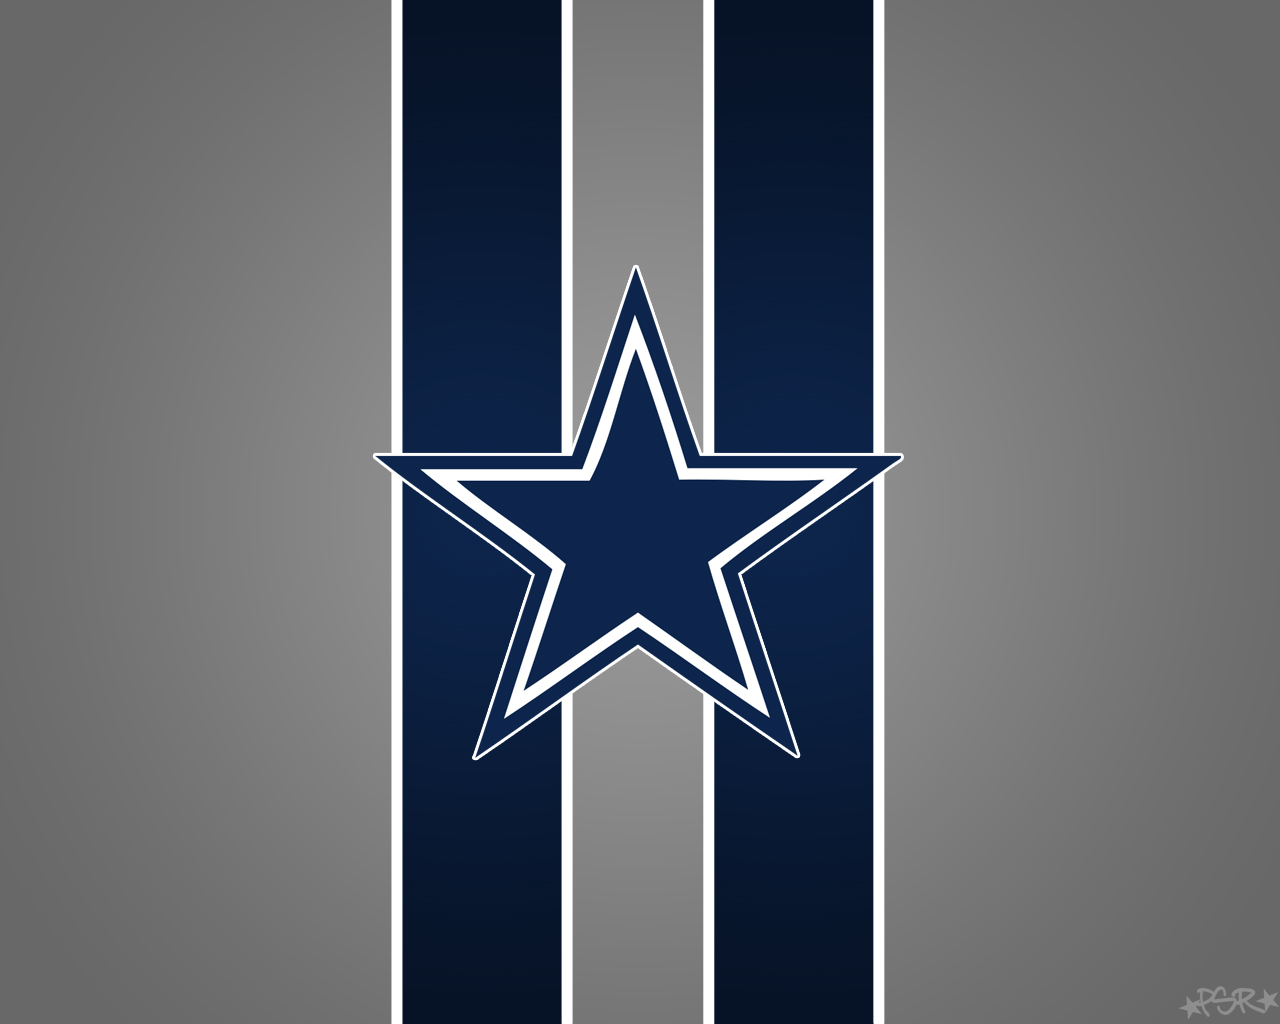 Dallas Cowboys wallpapers Dallas Cowboys background 1280x1024